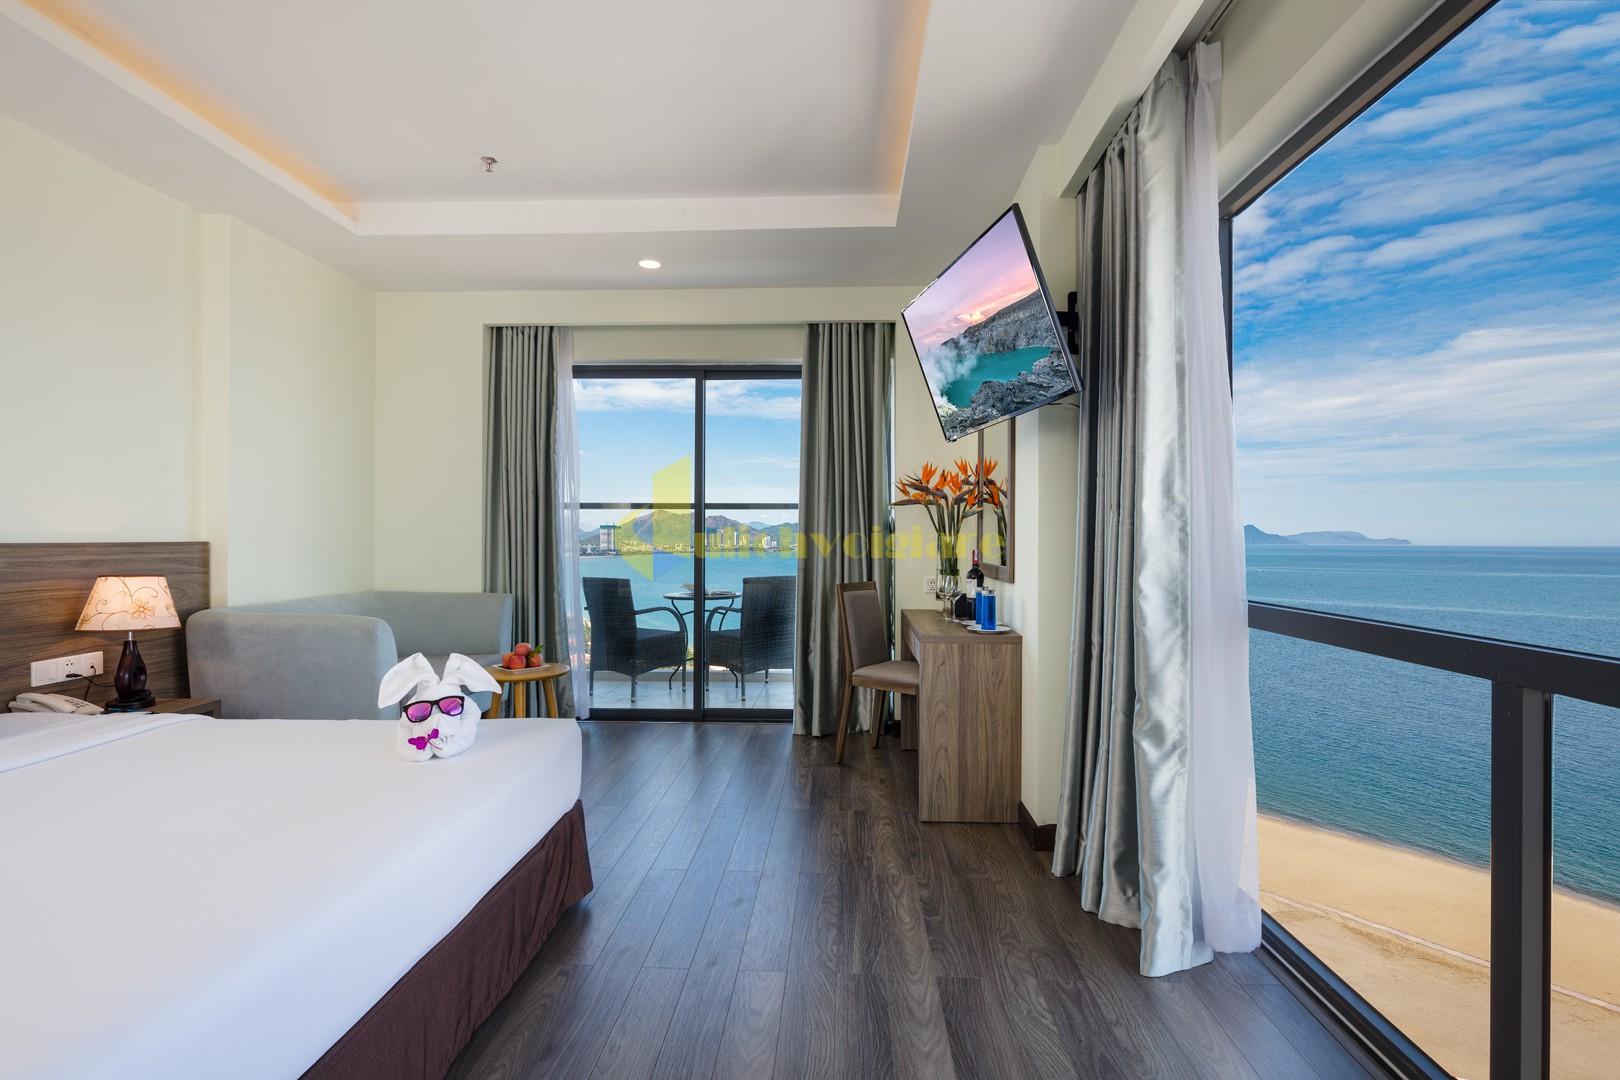 xavia-1 Top 10 Khách Sạn Đẹp Ngất Ngây Tại Nha Trang